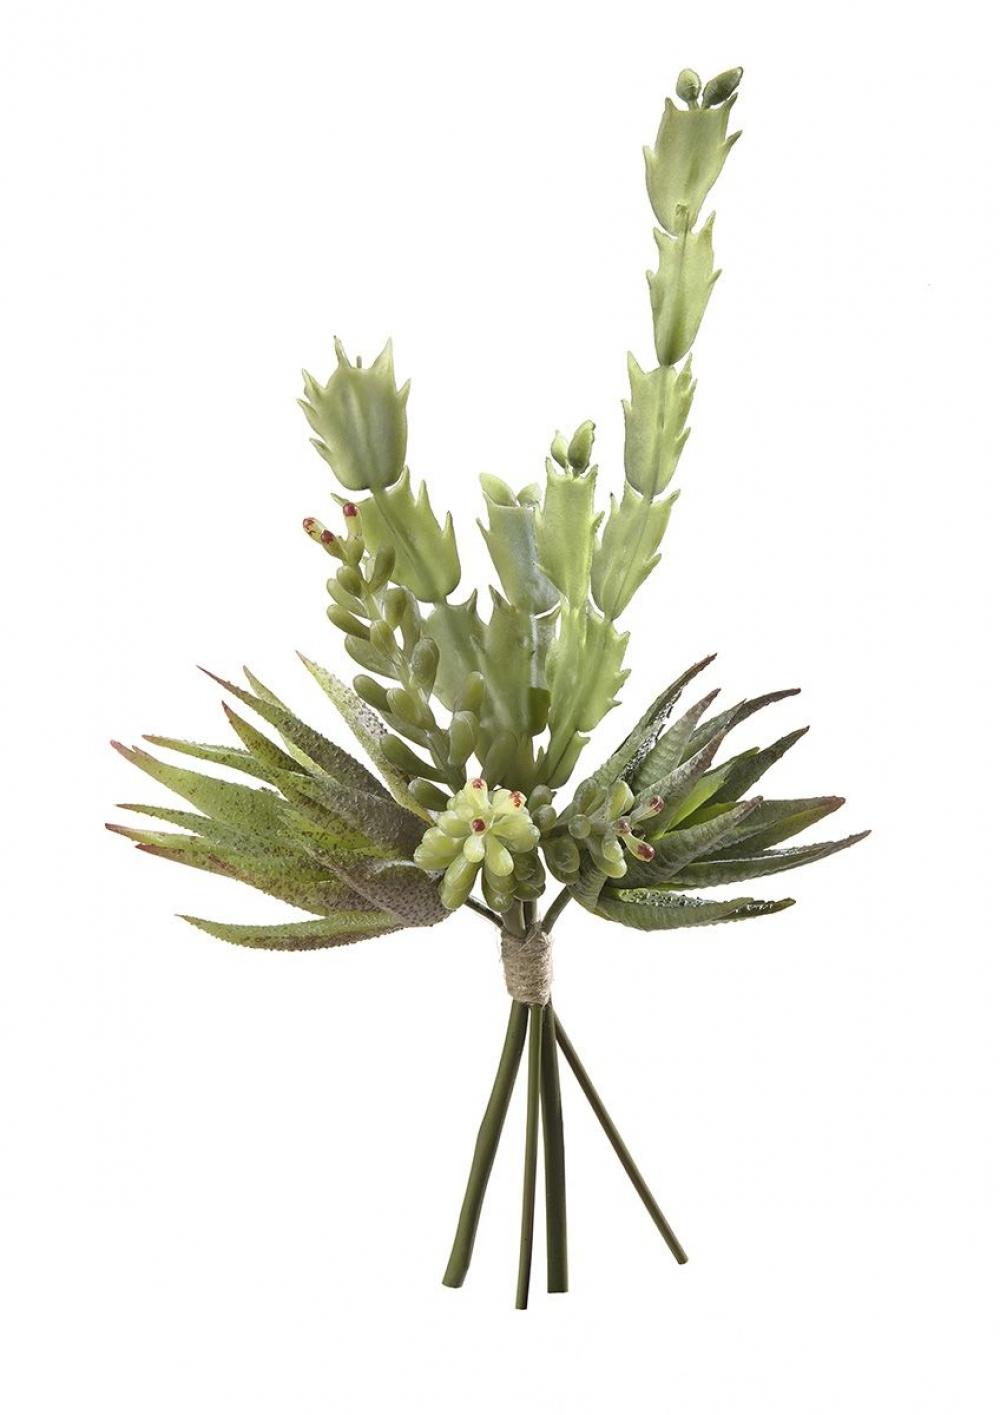 Buchet artificial decorativ Succulente H34cm imagine 2021 insignis.ro